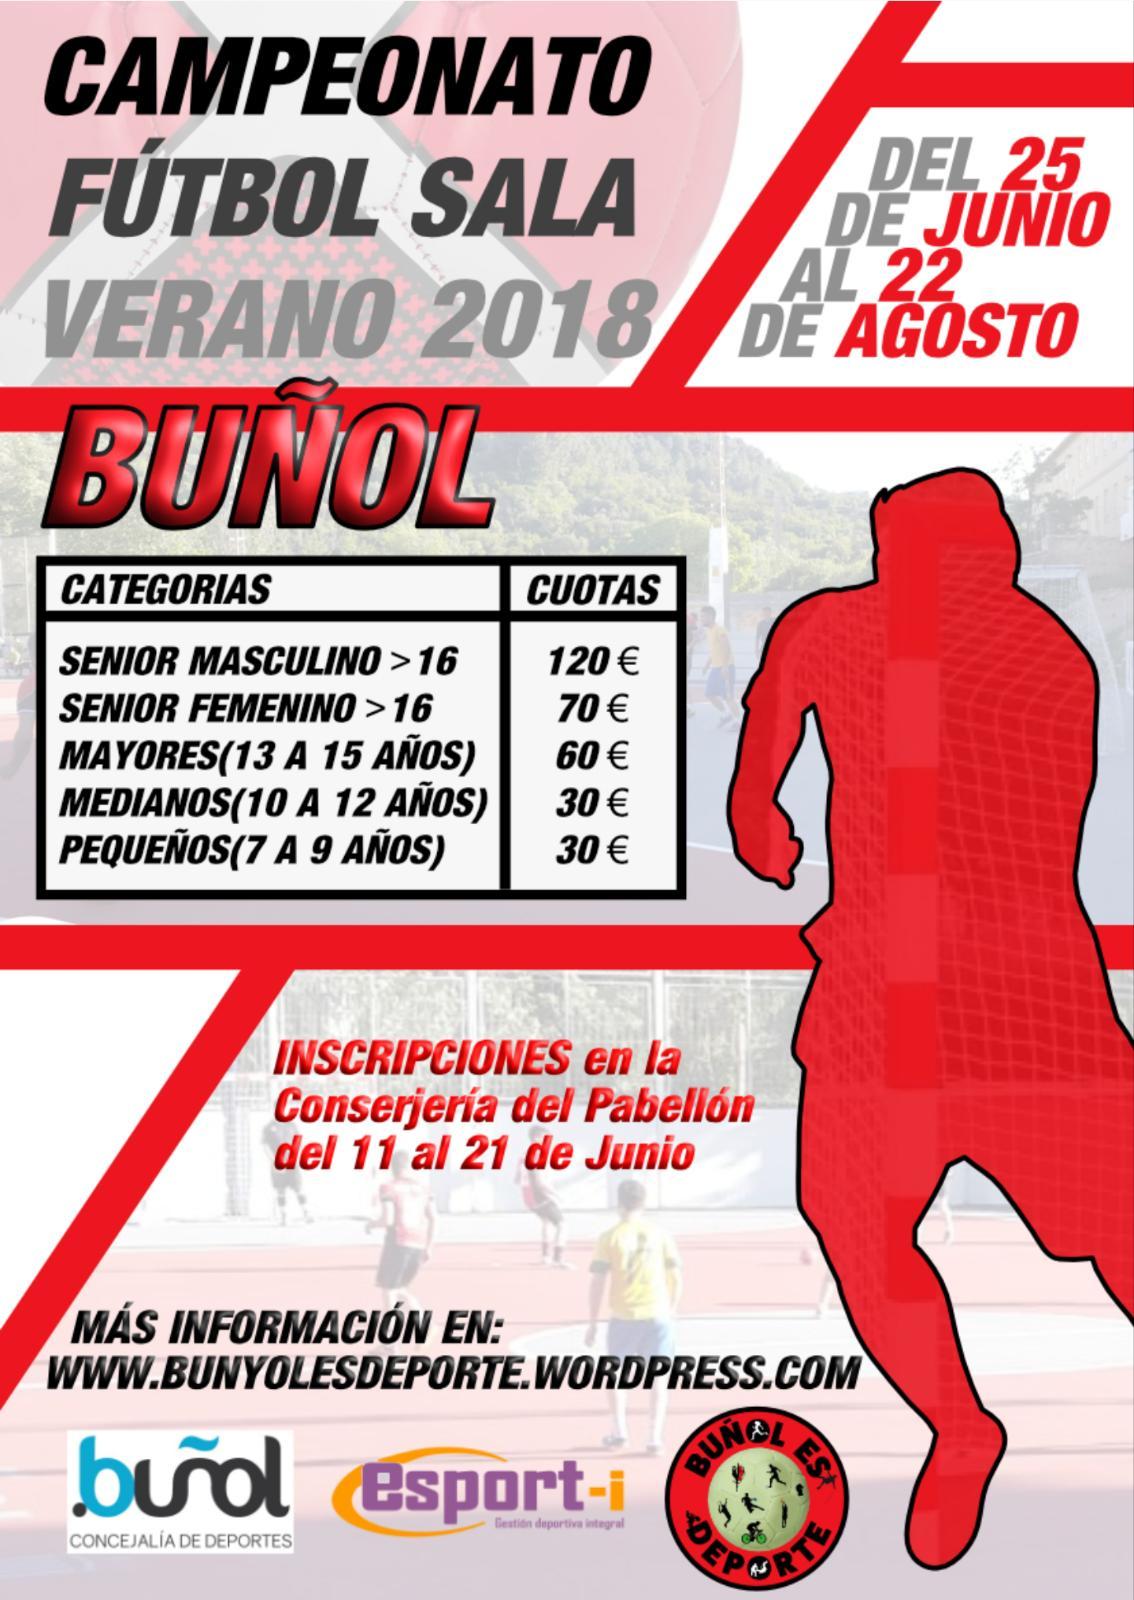 Cartel del campeonato de verano en Buñol.